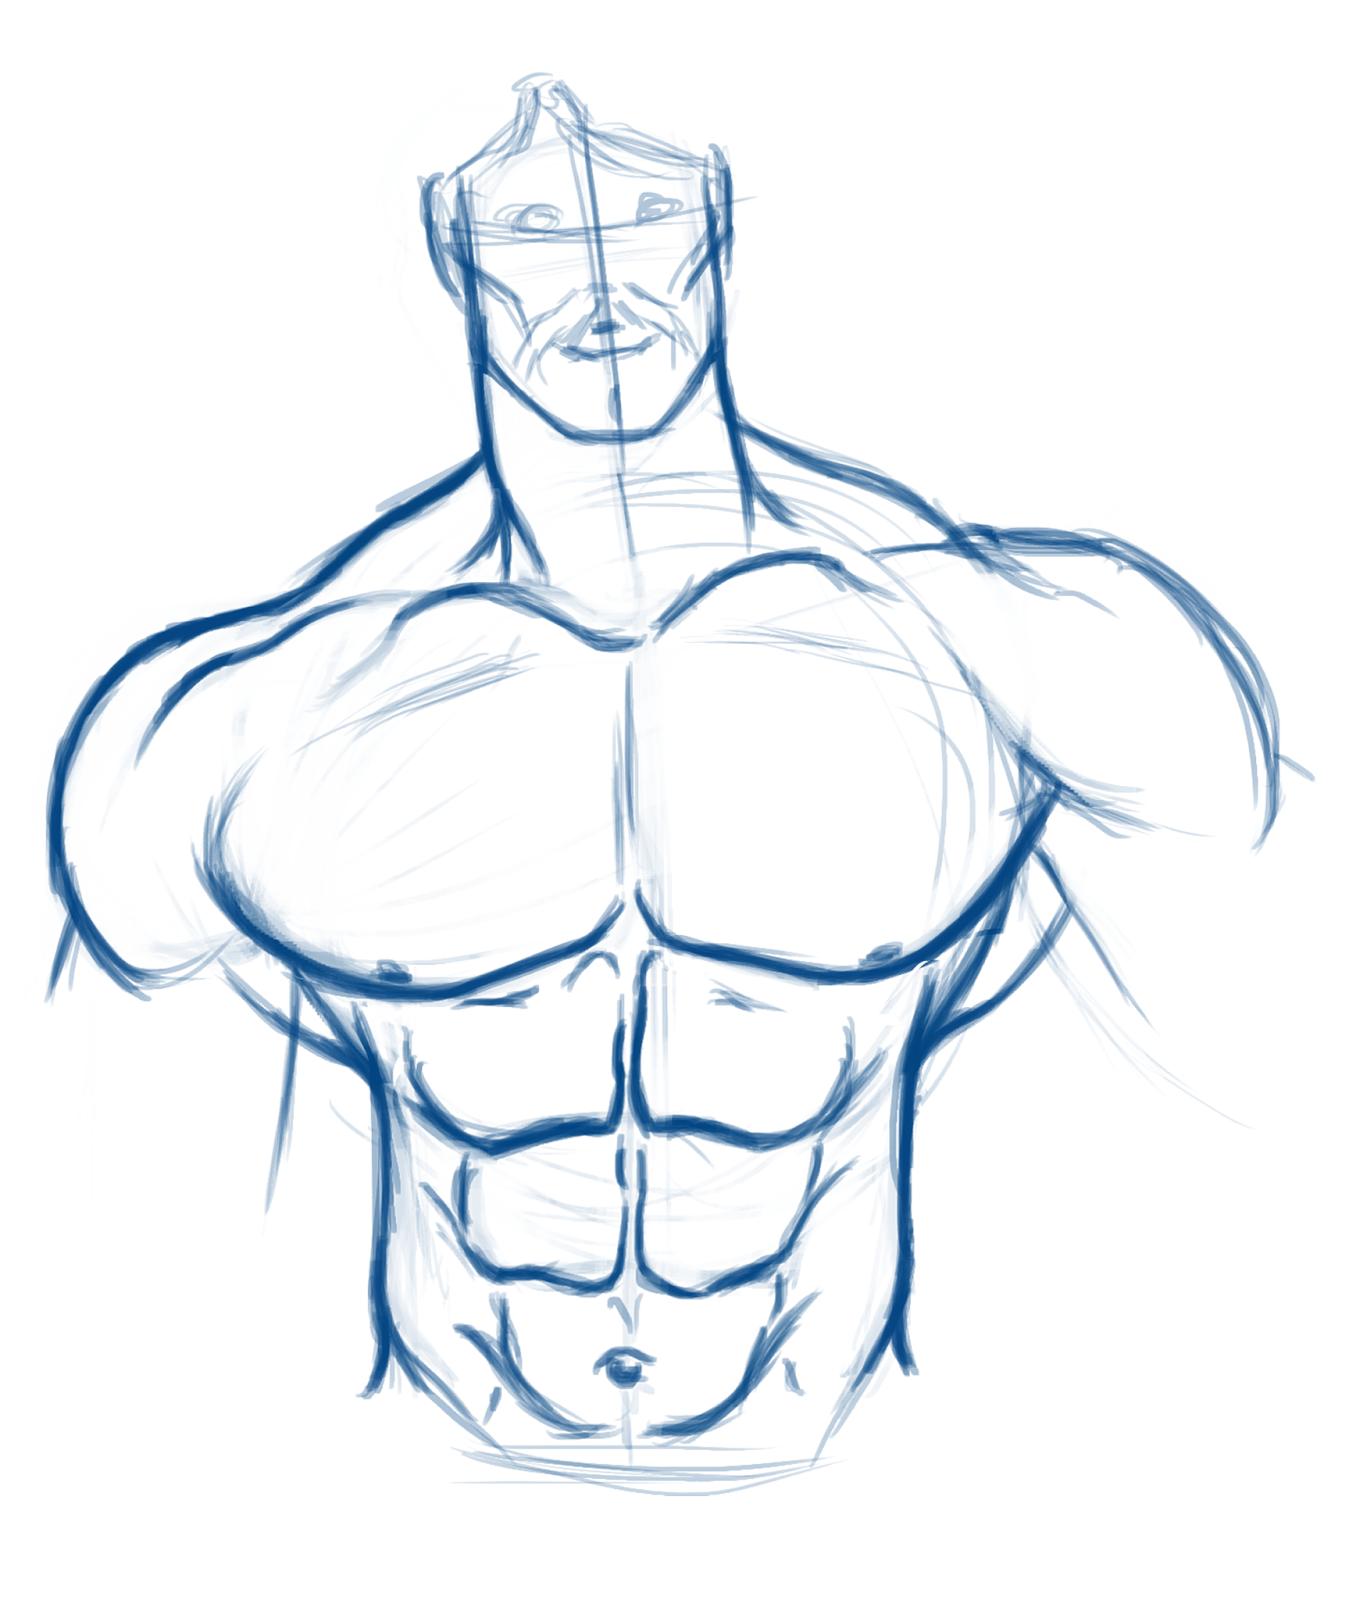 Мужское тело картинки карандашом